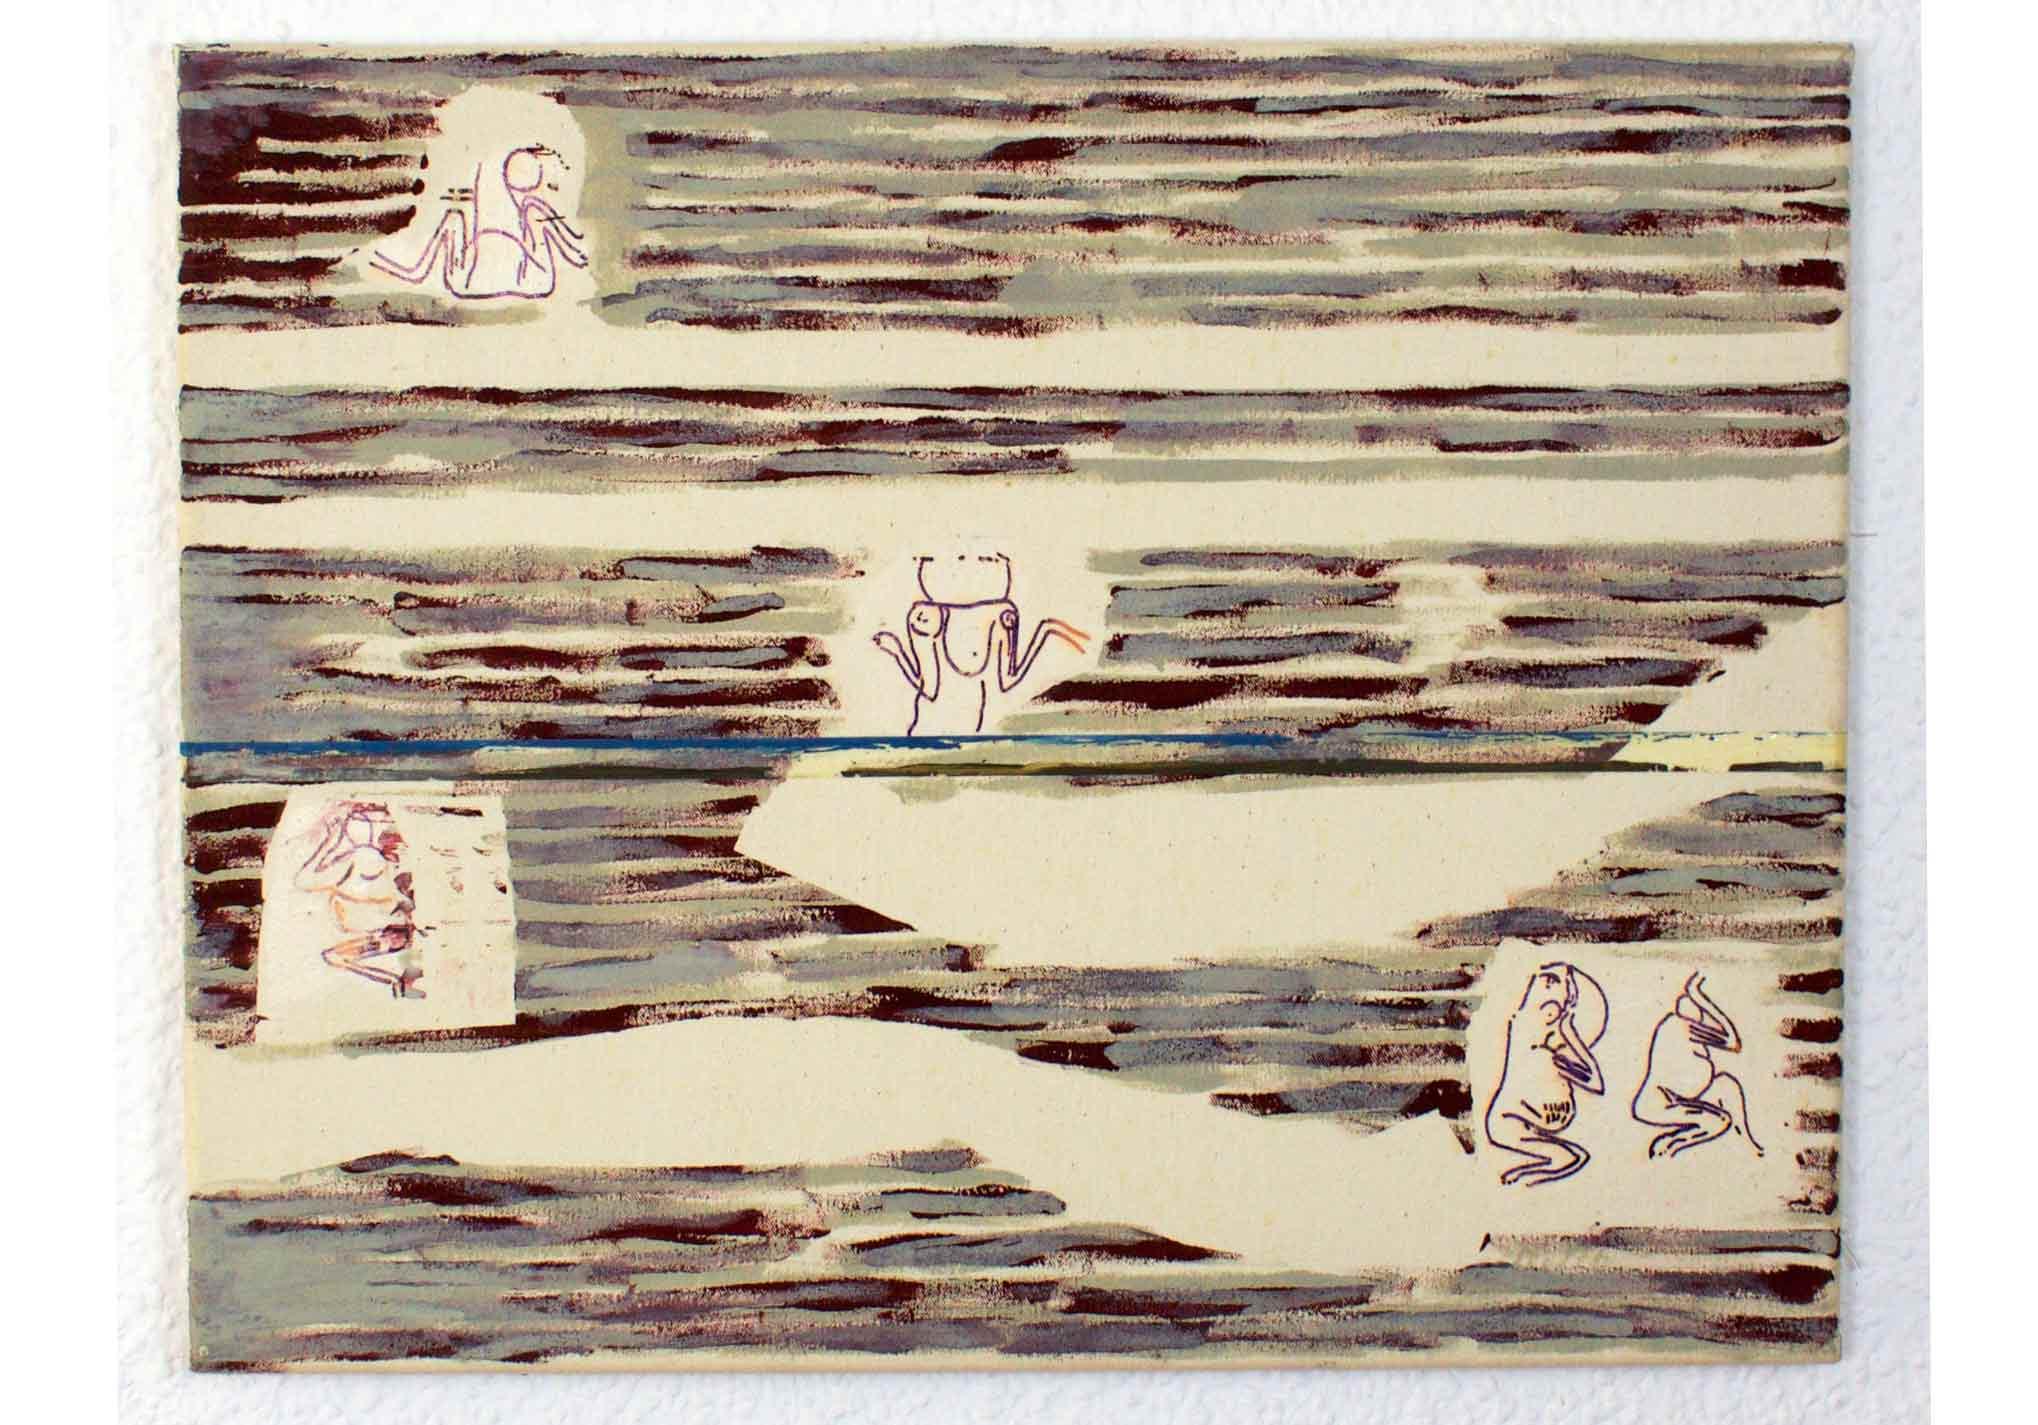 MT-Galerie-Zygmunt-Blazejewski-Aus-den-Höhlenhierher_17-010